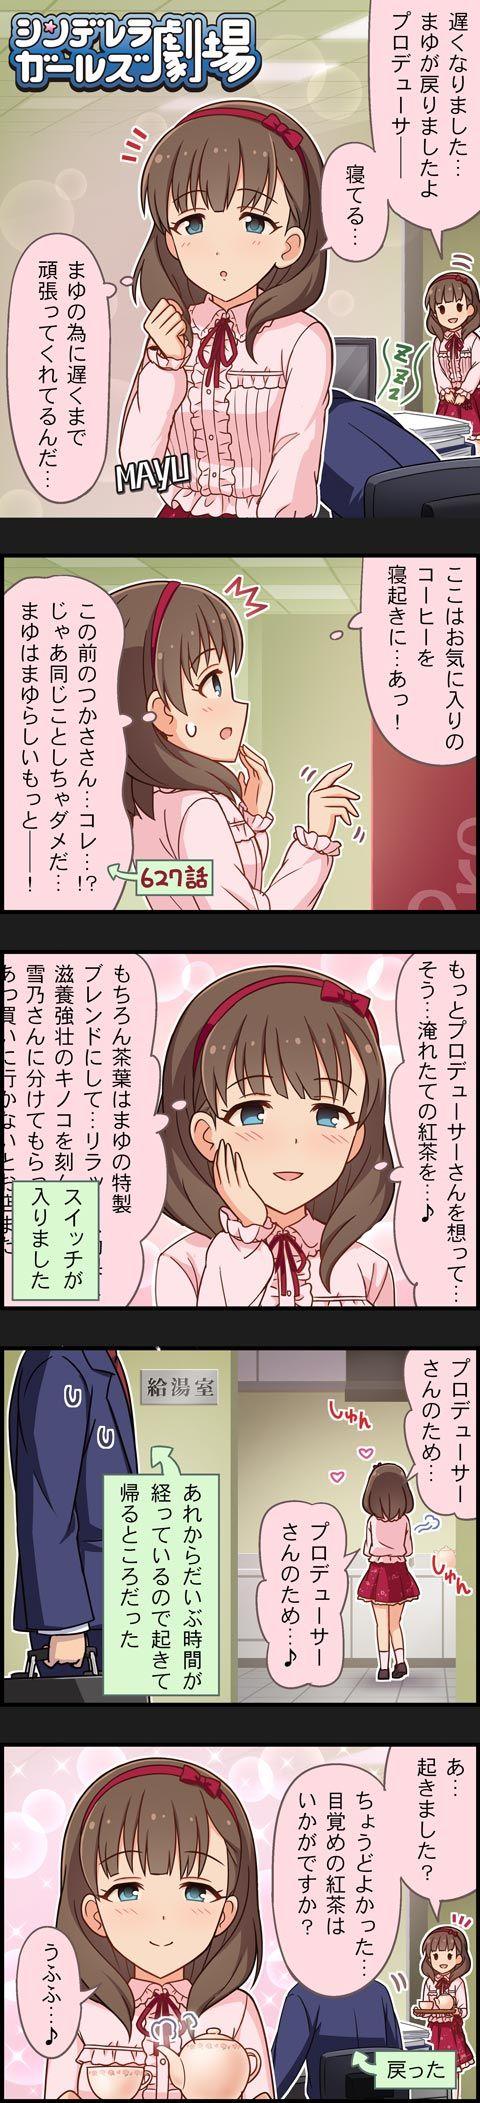 【第918話】まゆスイッチON